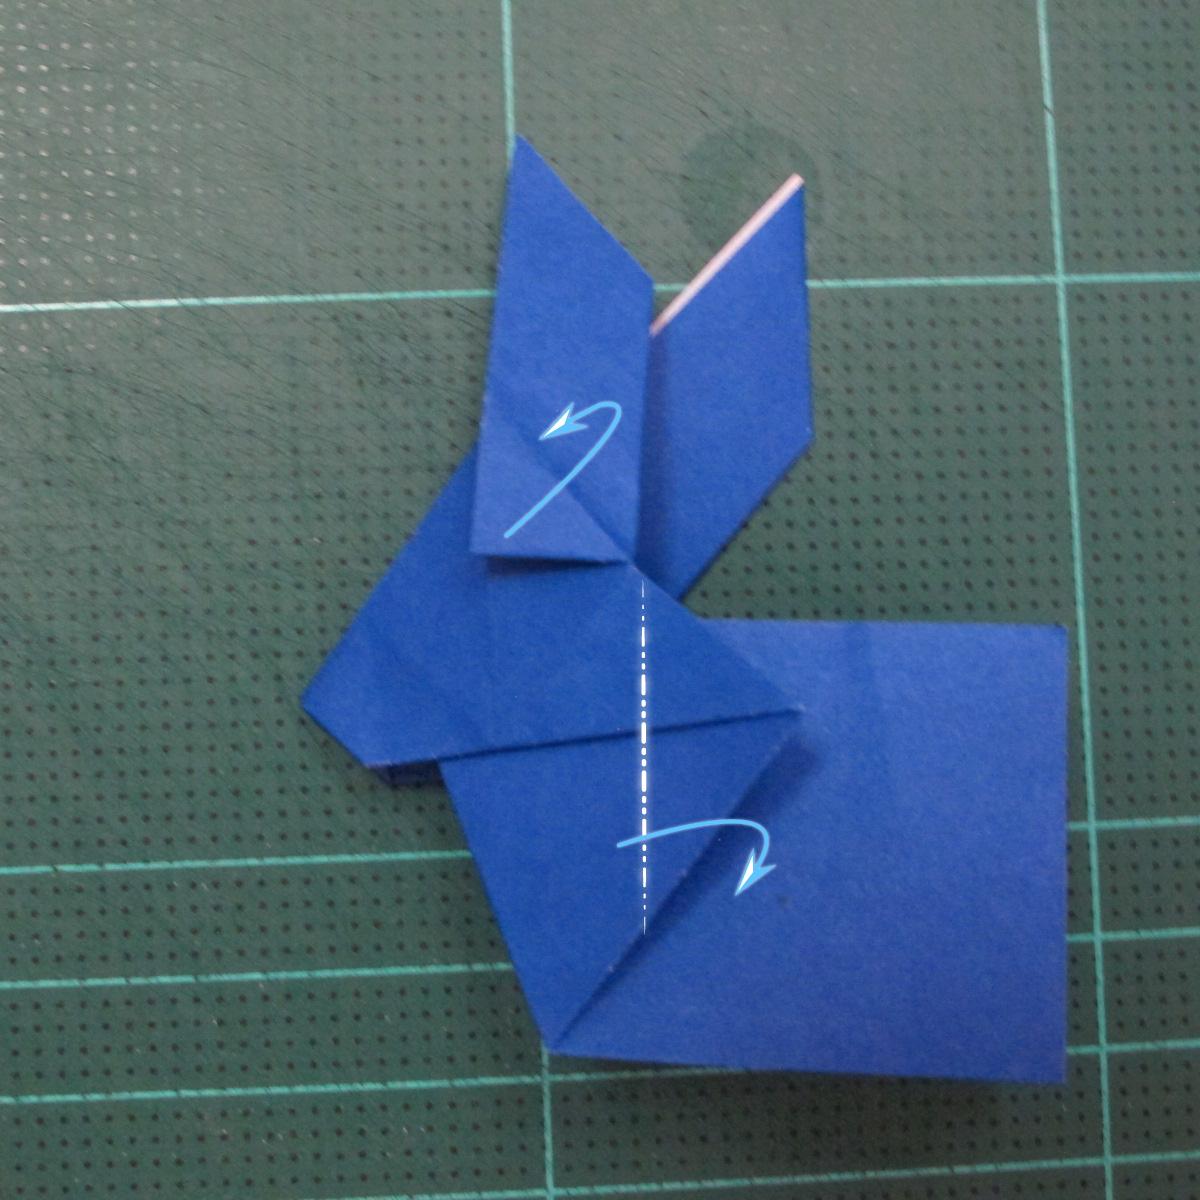 วิธีการพับกระดาษเป็นรูปกระต่าย แบบของเอ็ดวิน คอรี่ (Origami Rabbit)  020